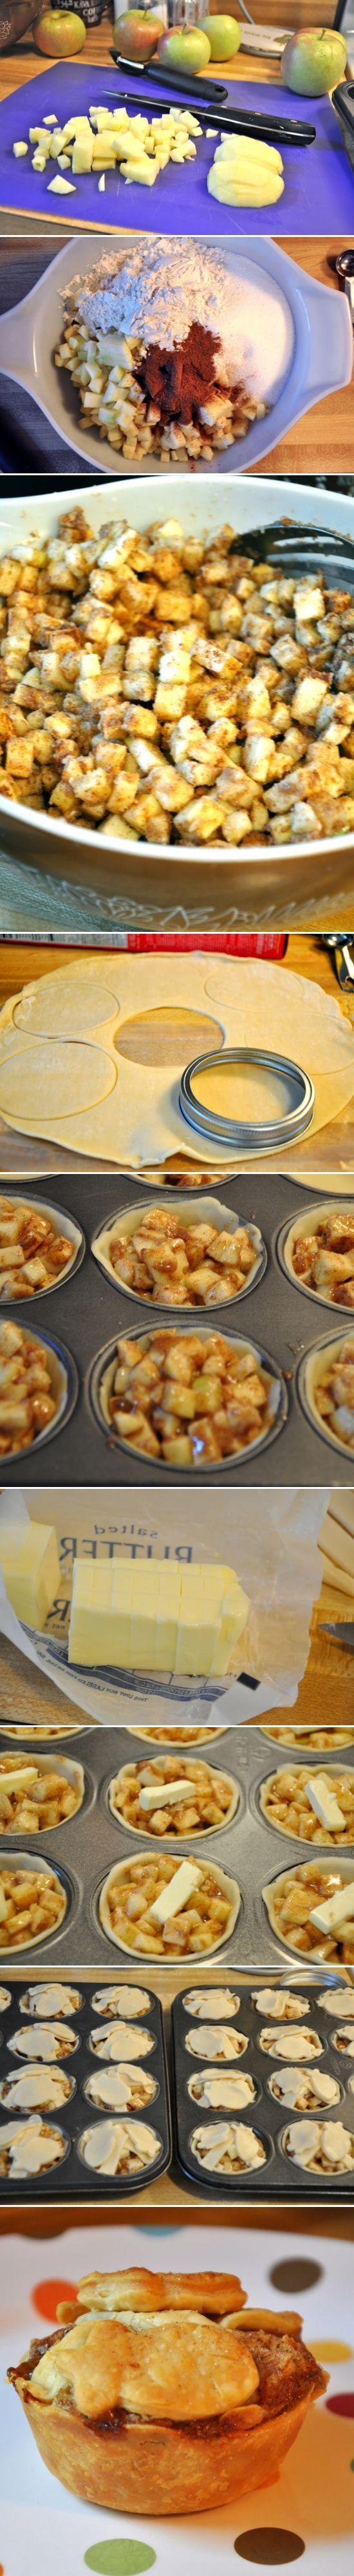 Mini Apple Pies in a muffin tin! yum